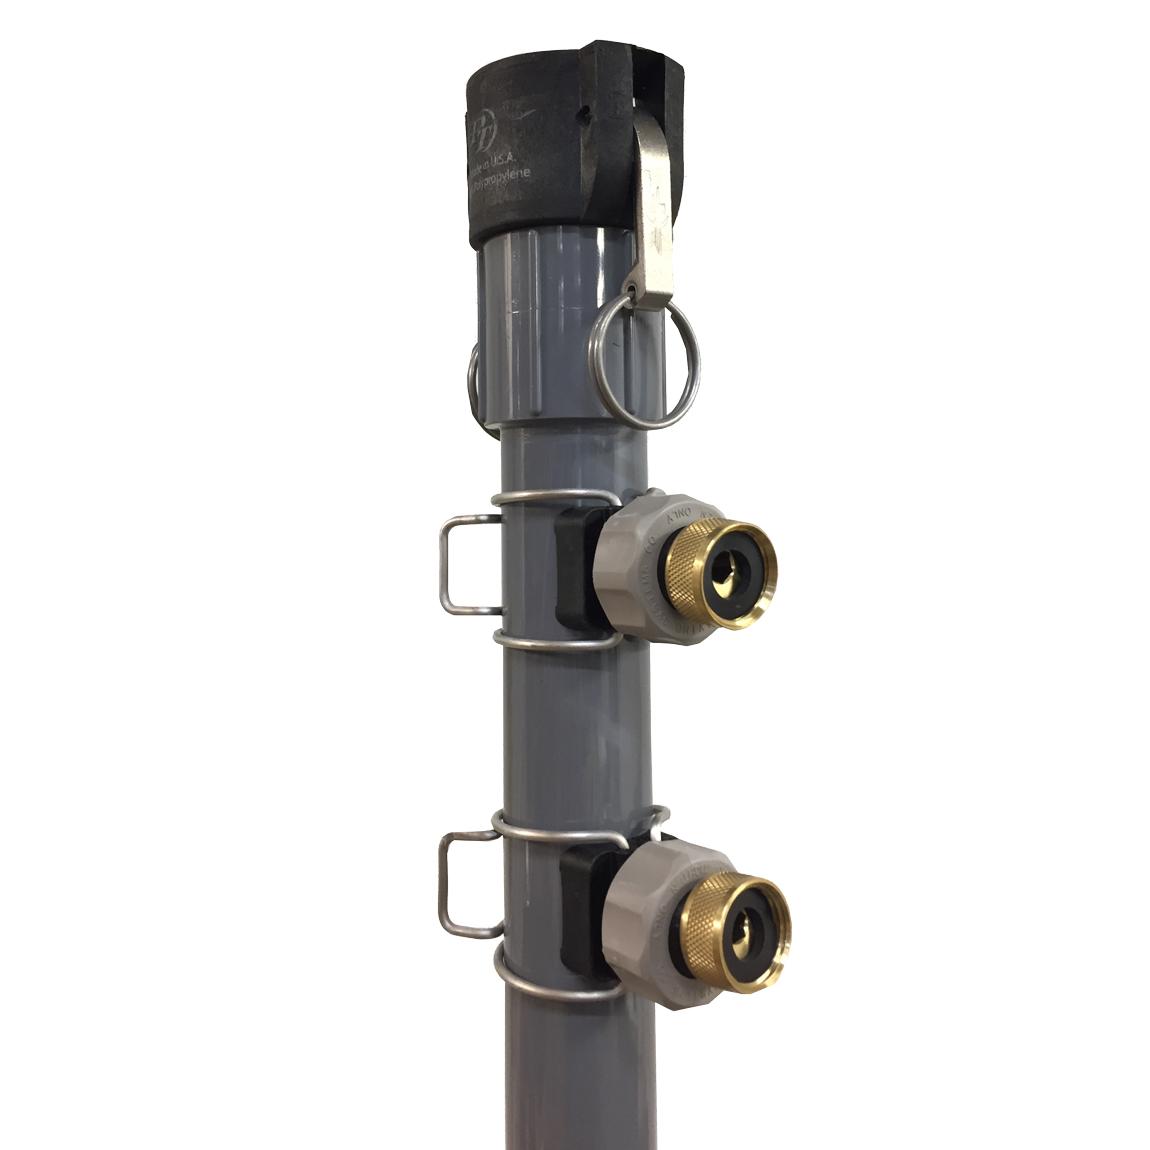 HazMat shower water hose inlet image